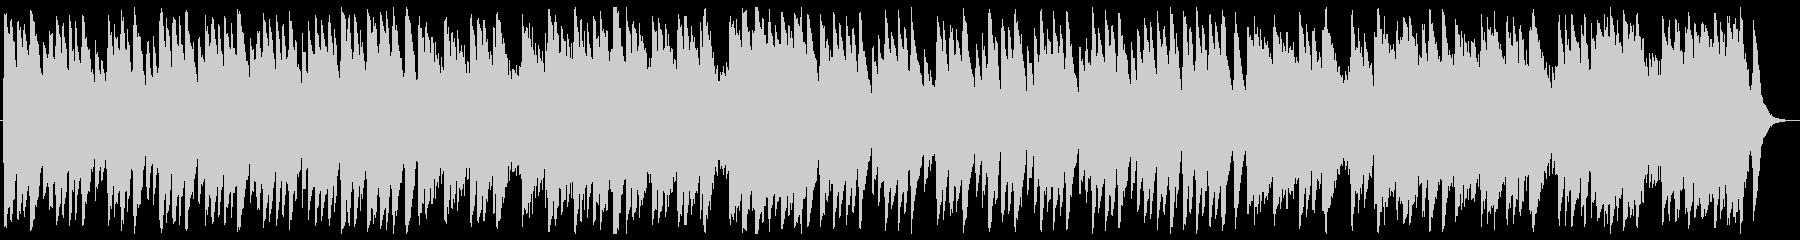 ジングルベル オルゴールの未再生の波形